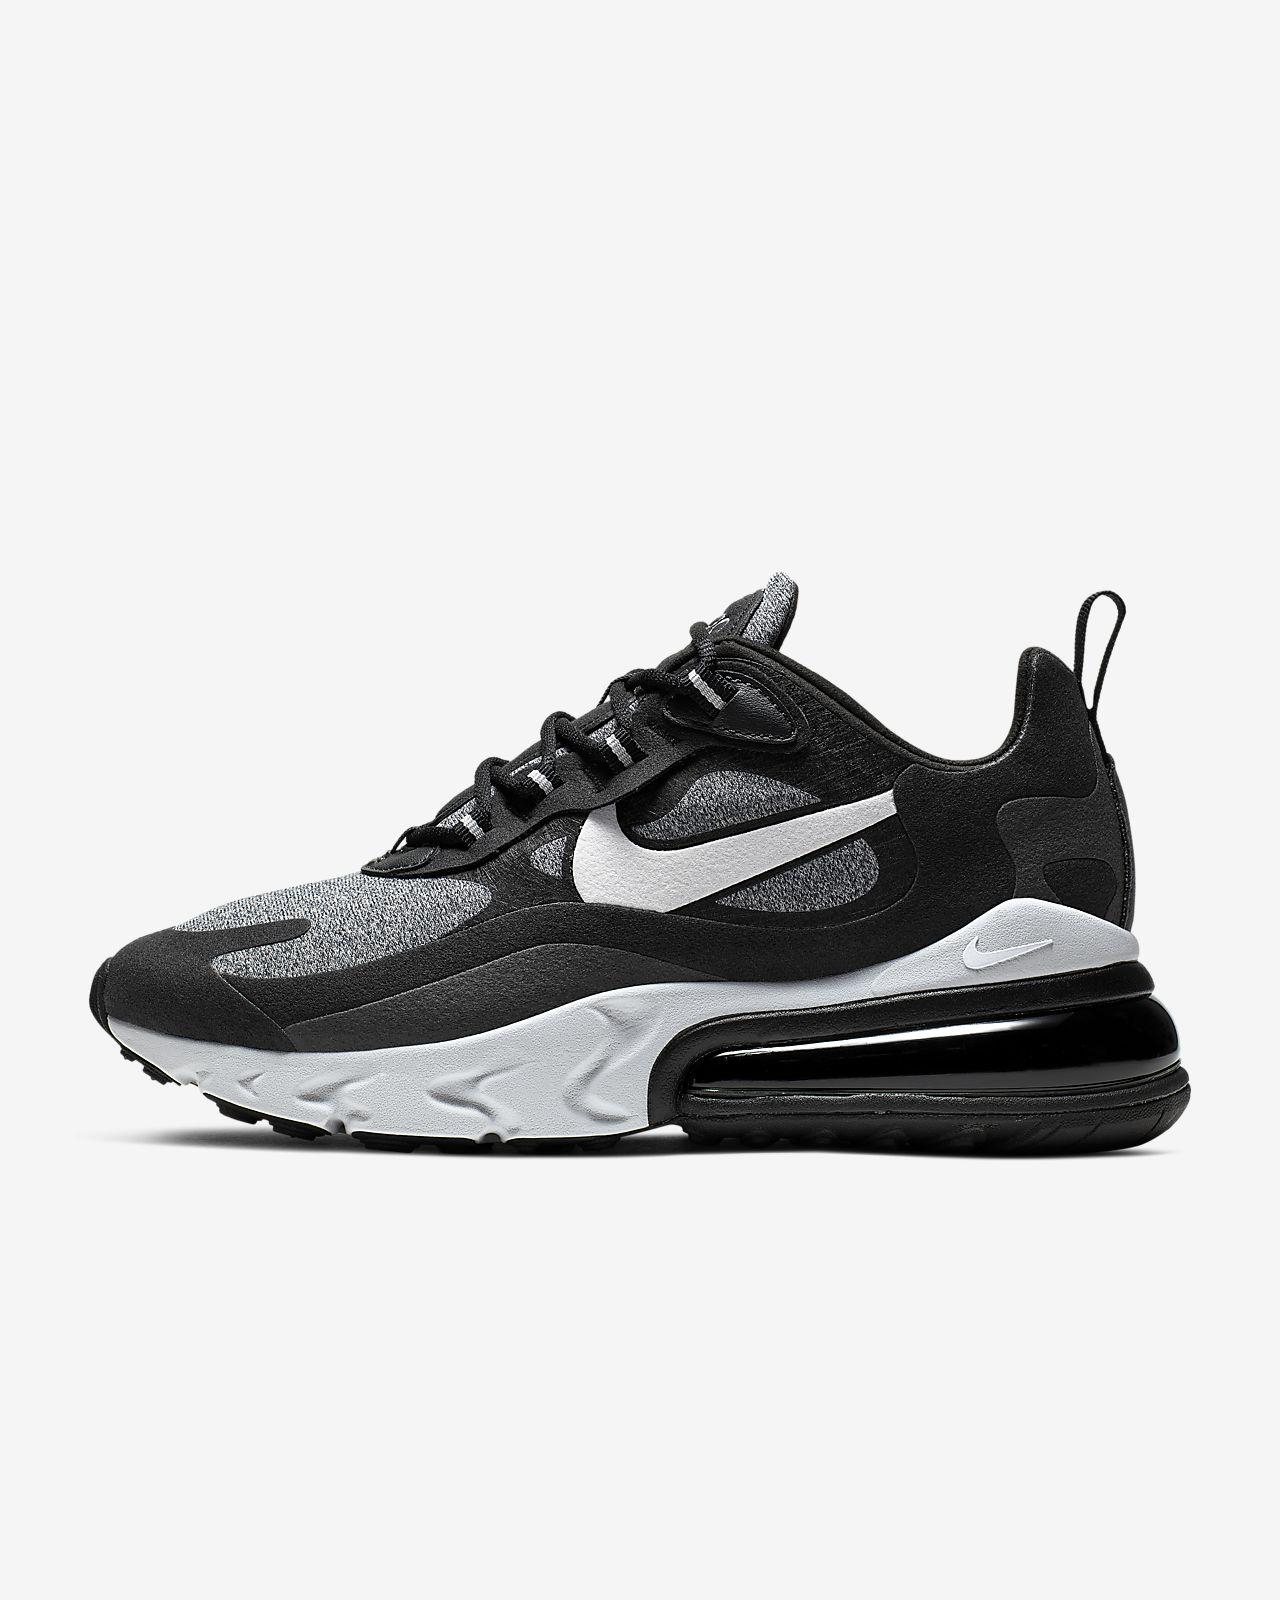 Nike Air Max 270 React (Optical) Kadın Ayakkabısı